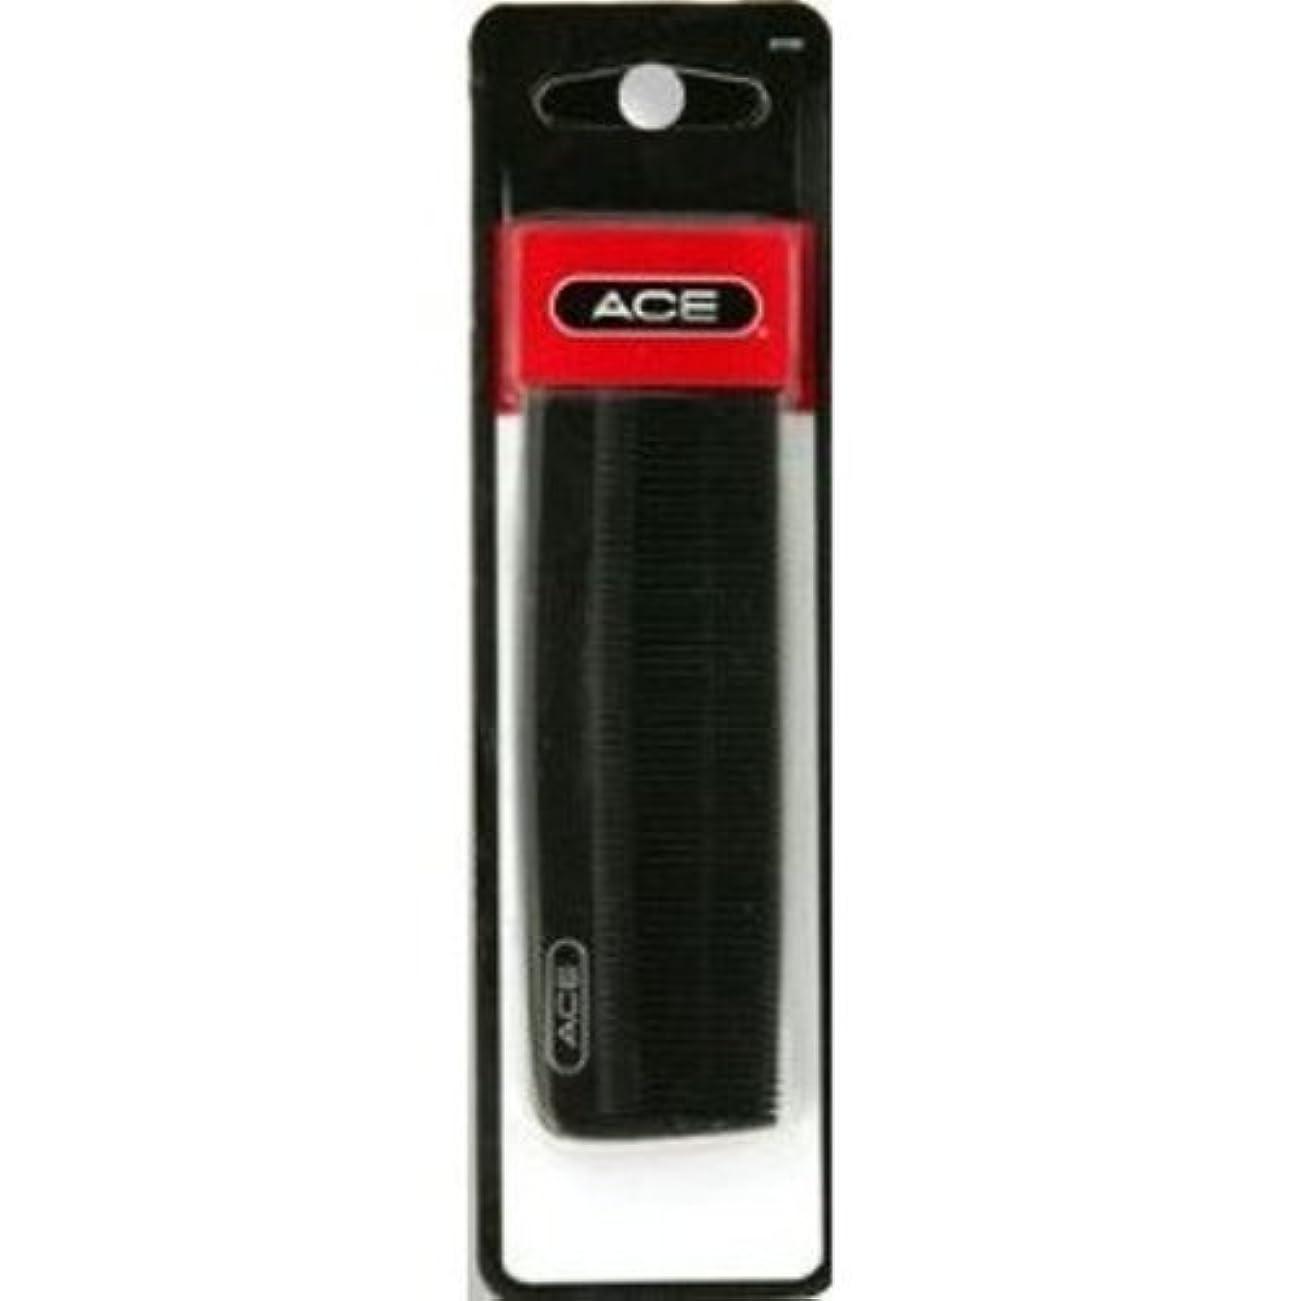 リフレッシュ採用評決Ace Pocket Combs - 2 CT [並行輸入品]